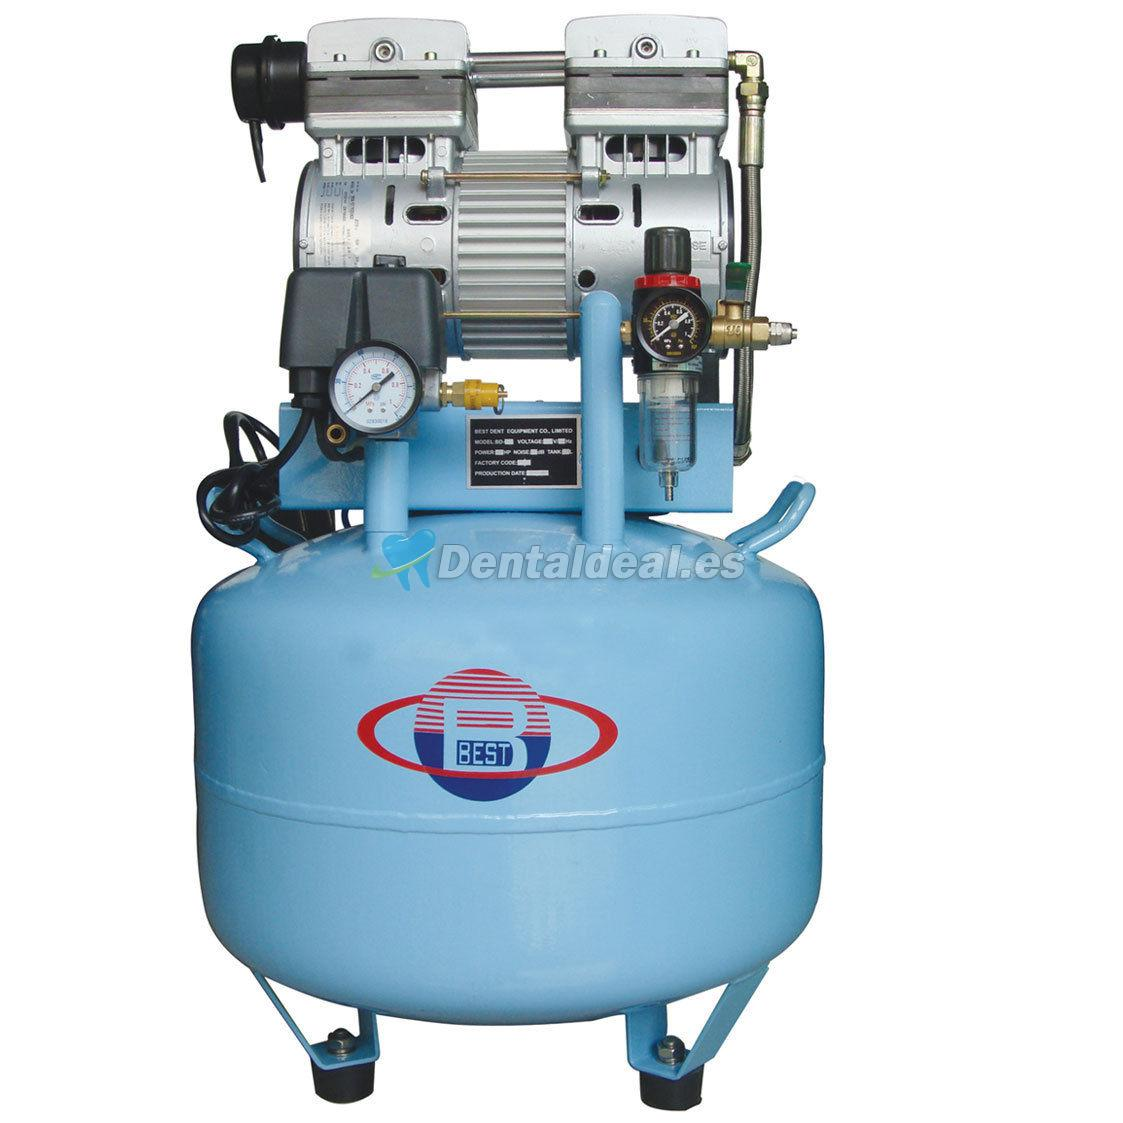 40l compresor de aire clinica dentales silencioso oilless for Compresor de aire silencioso